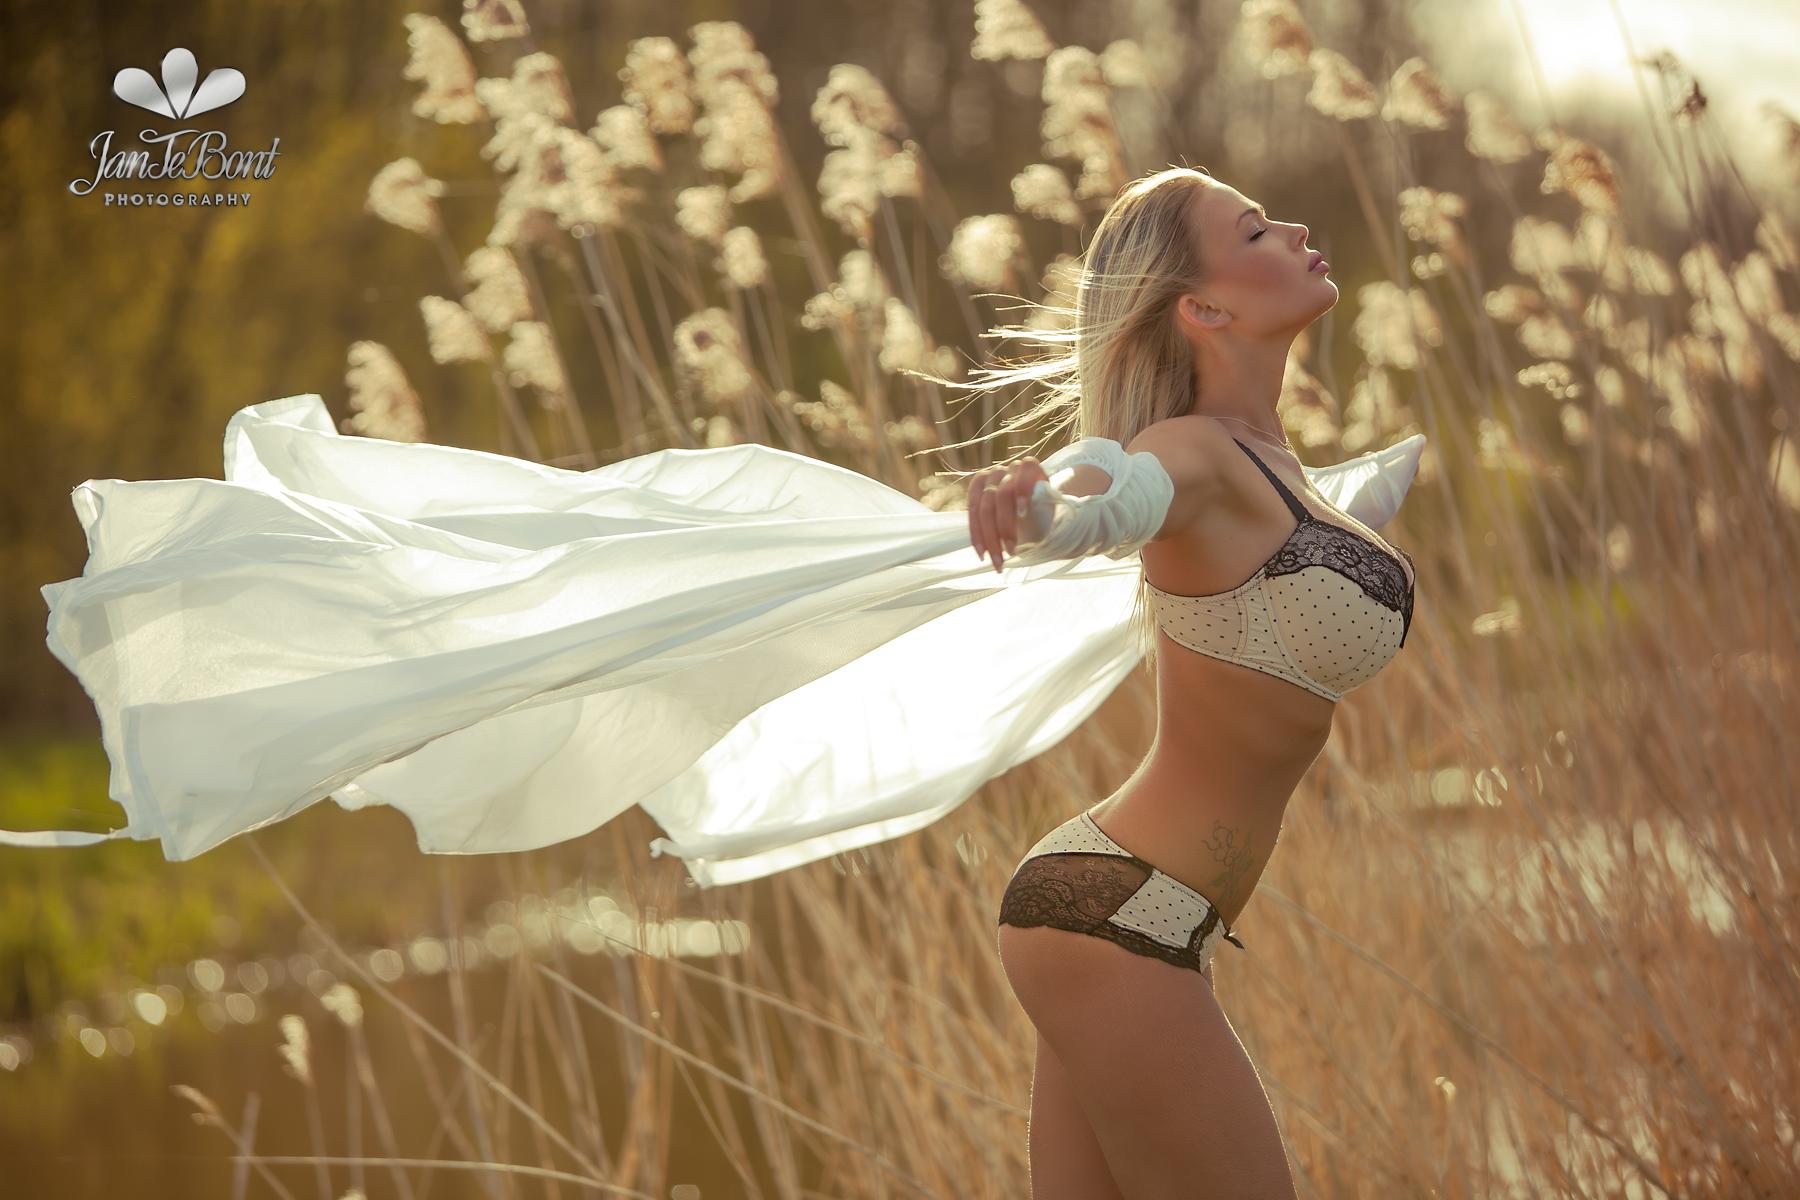 Fabienna Valentina Fly blonde